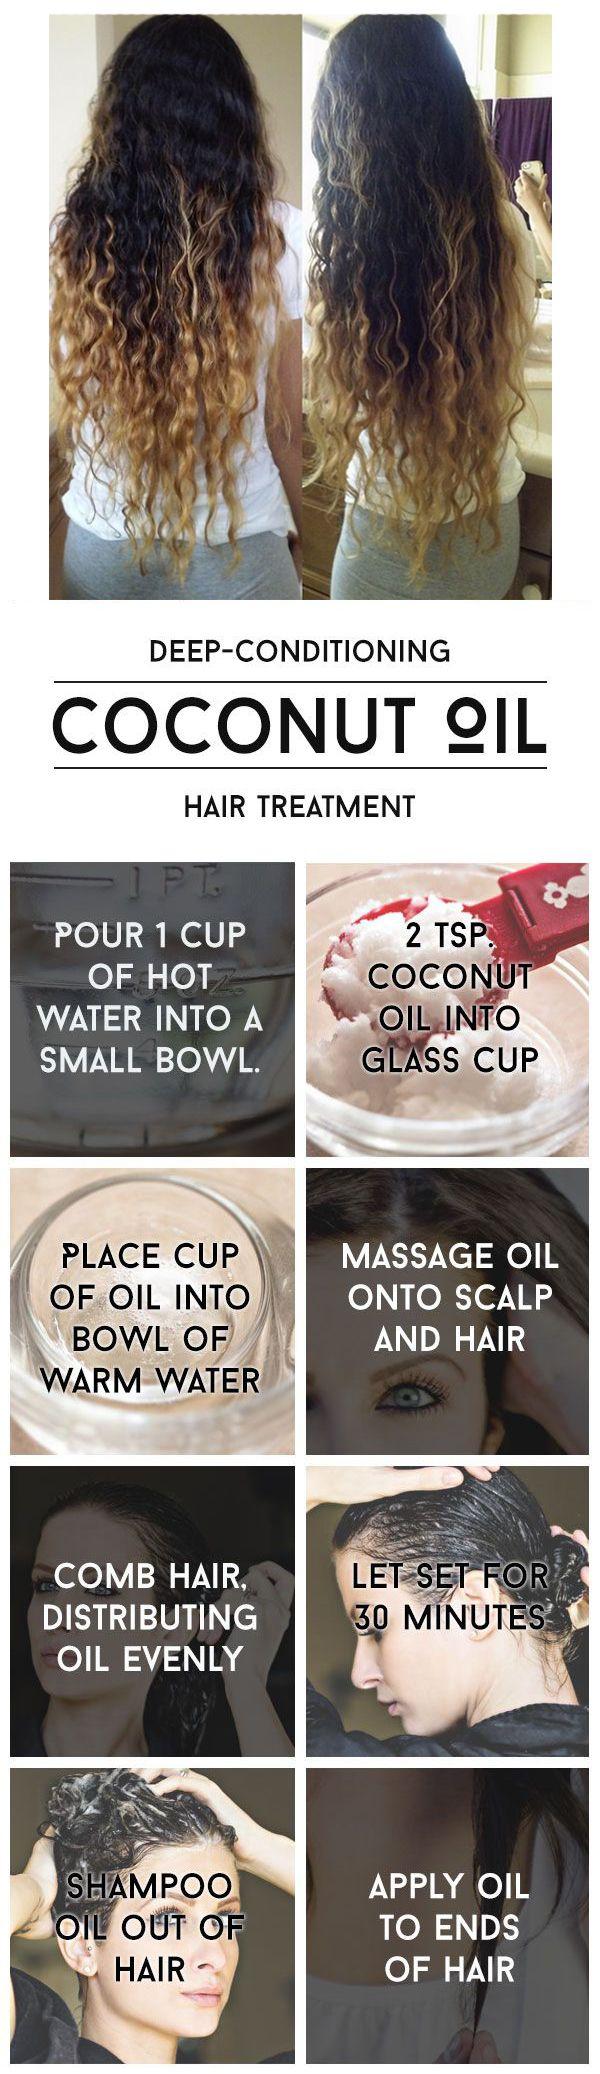 Tratamiento en profundidad del cabello: aceite acondicionador de coco. Pruebe…